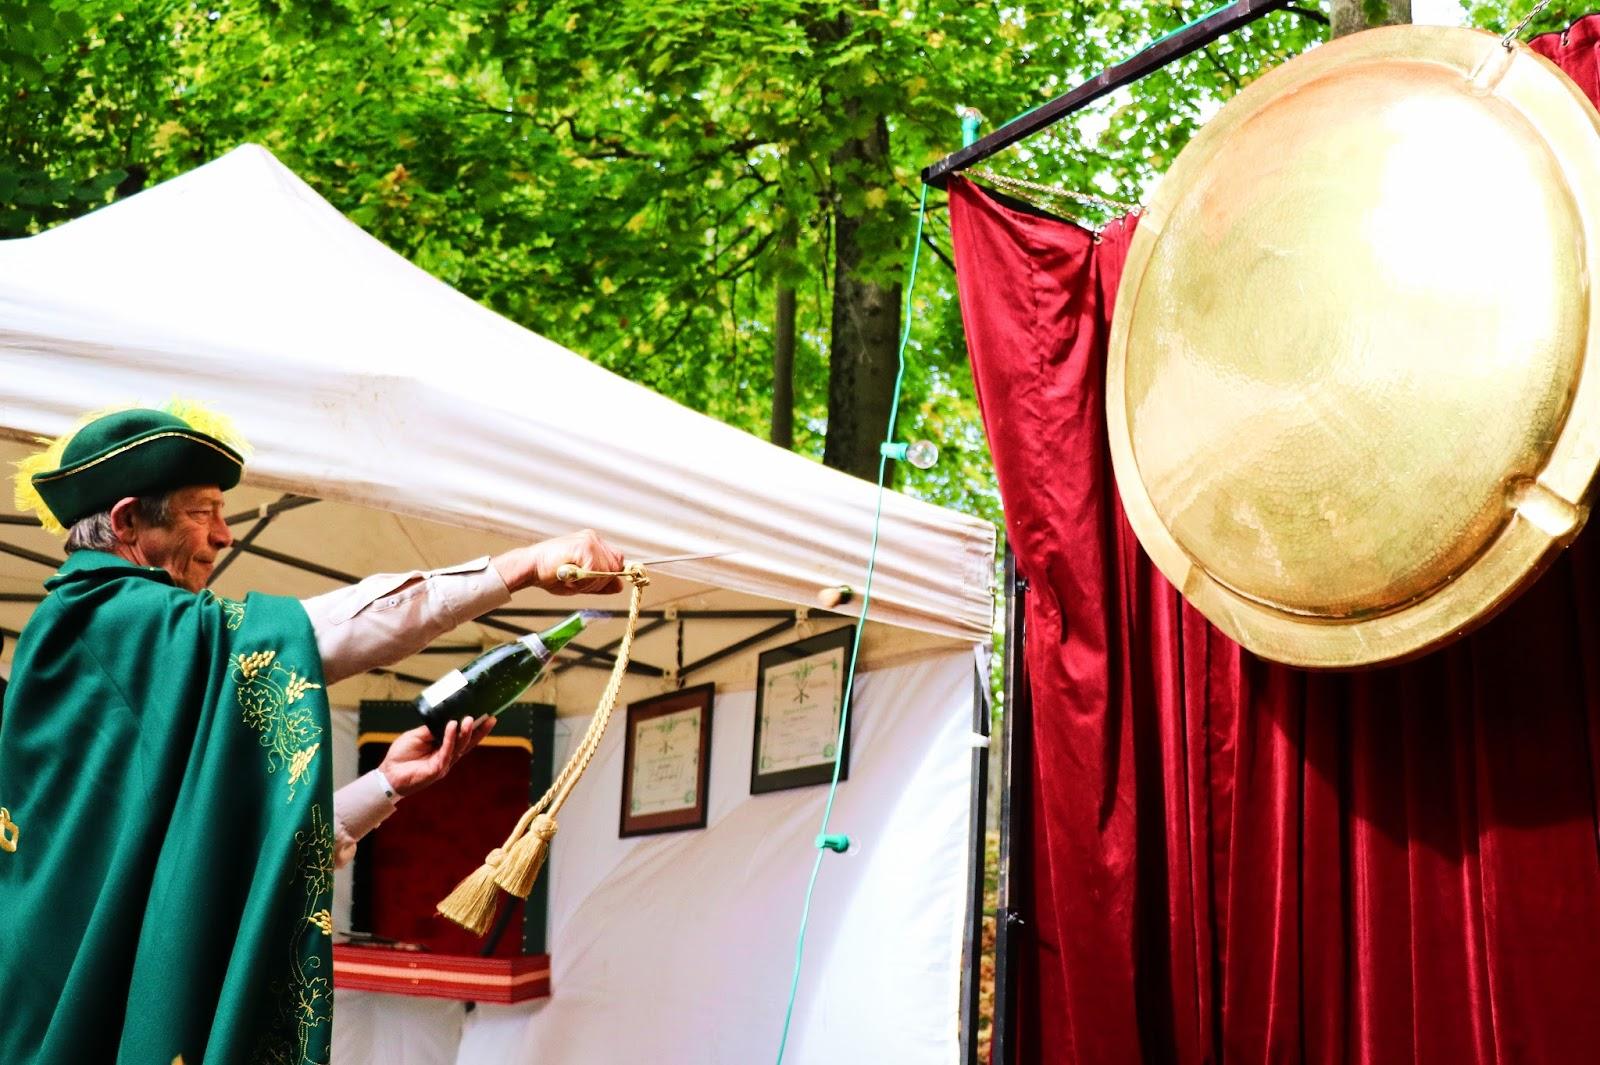 les gommettes de melo chateau thierry festival champagne et vous vigne route vin picardie aisne tourisme activites famille city guide vacances